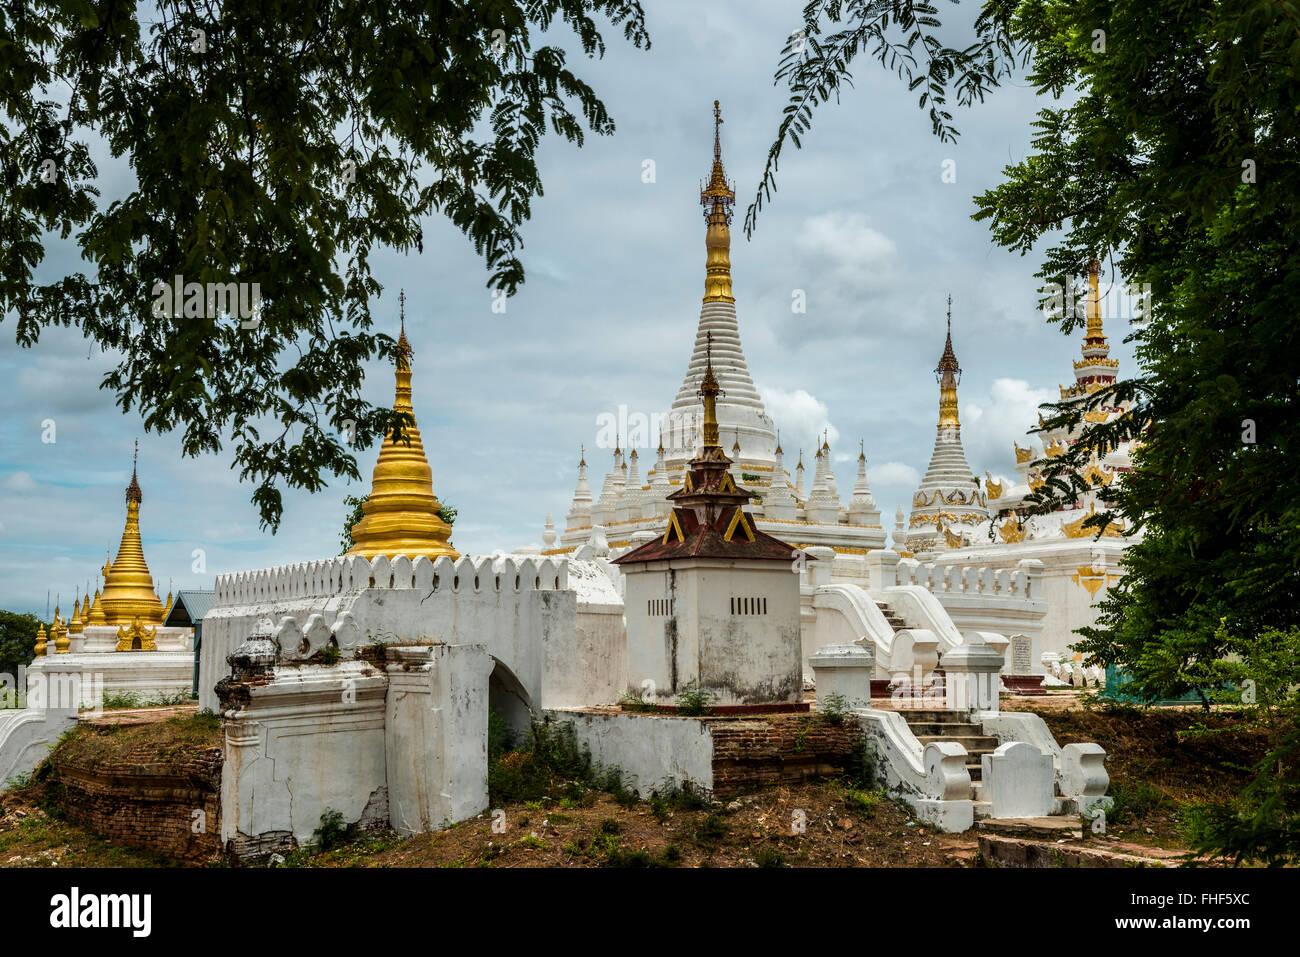 Pagodas, Ancient City Inwa or Ava, Mandalay Division, Myanmar, Burma - Stock Image